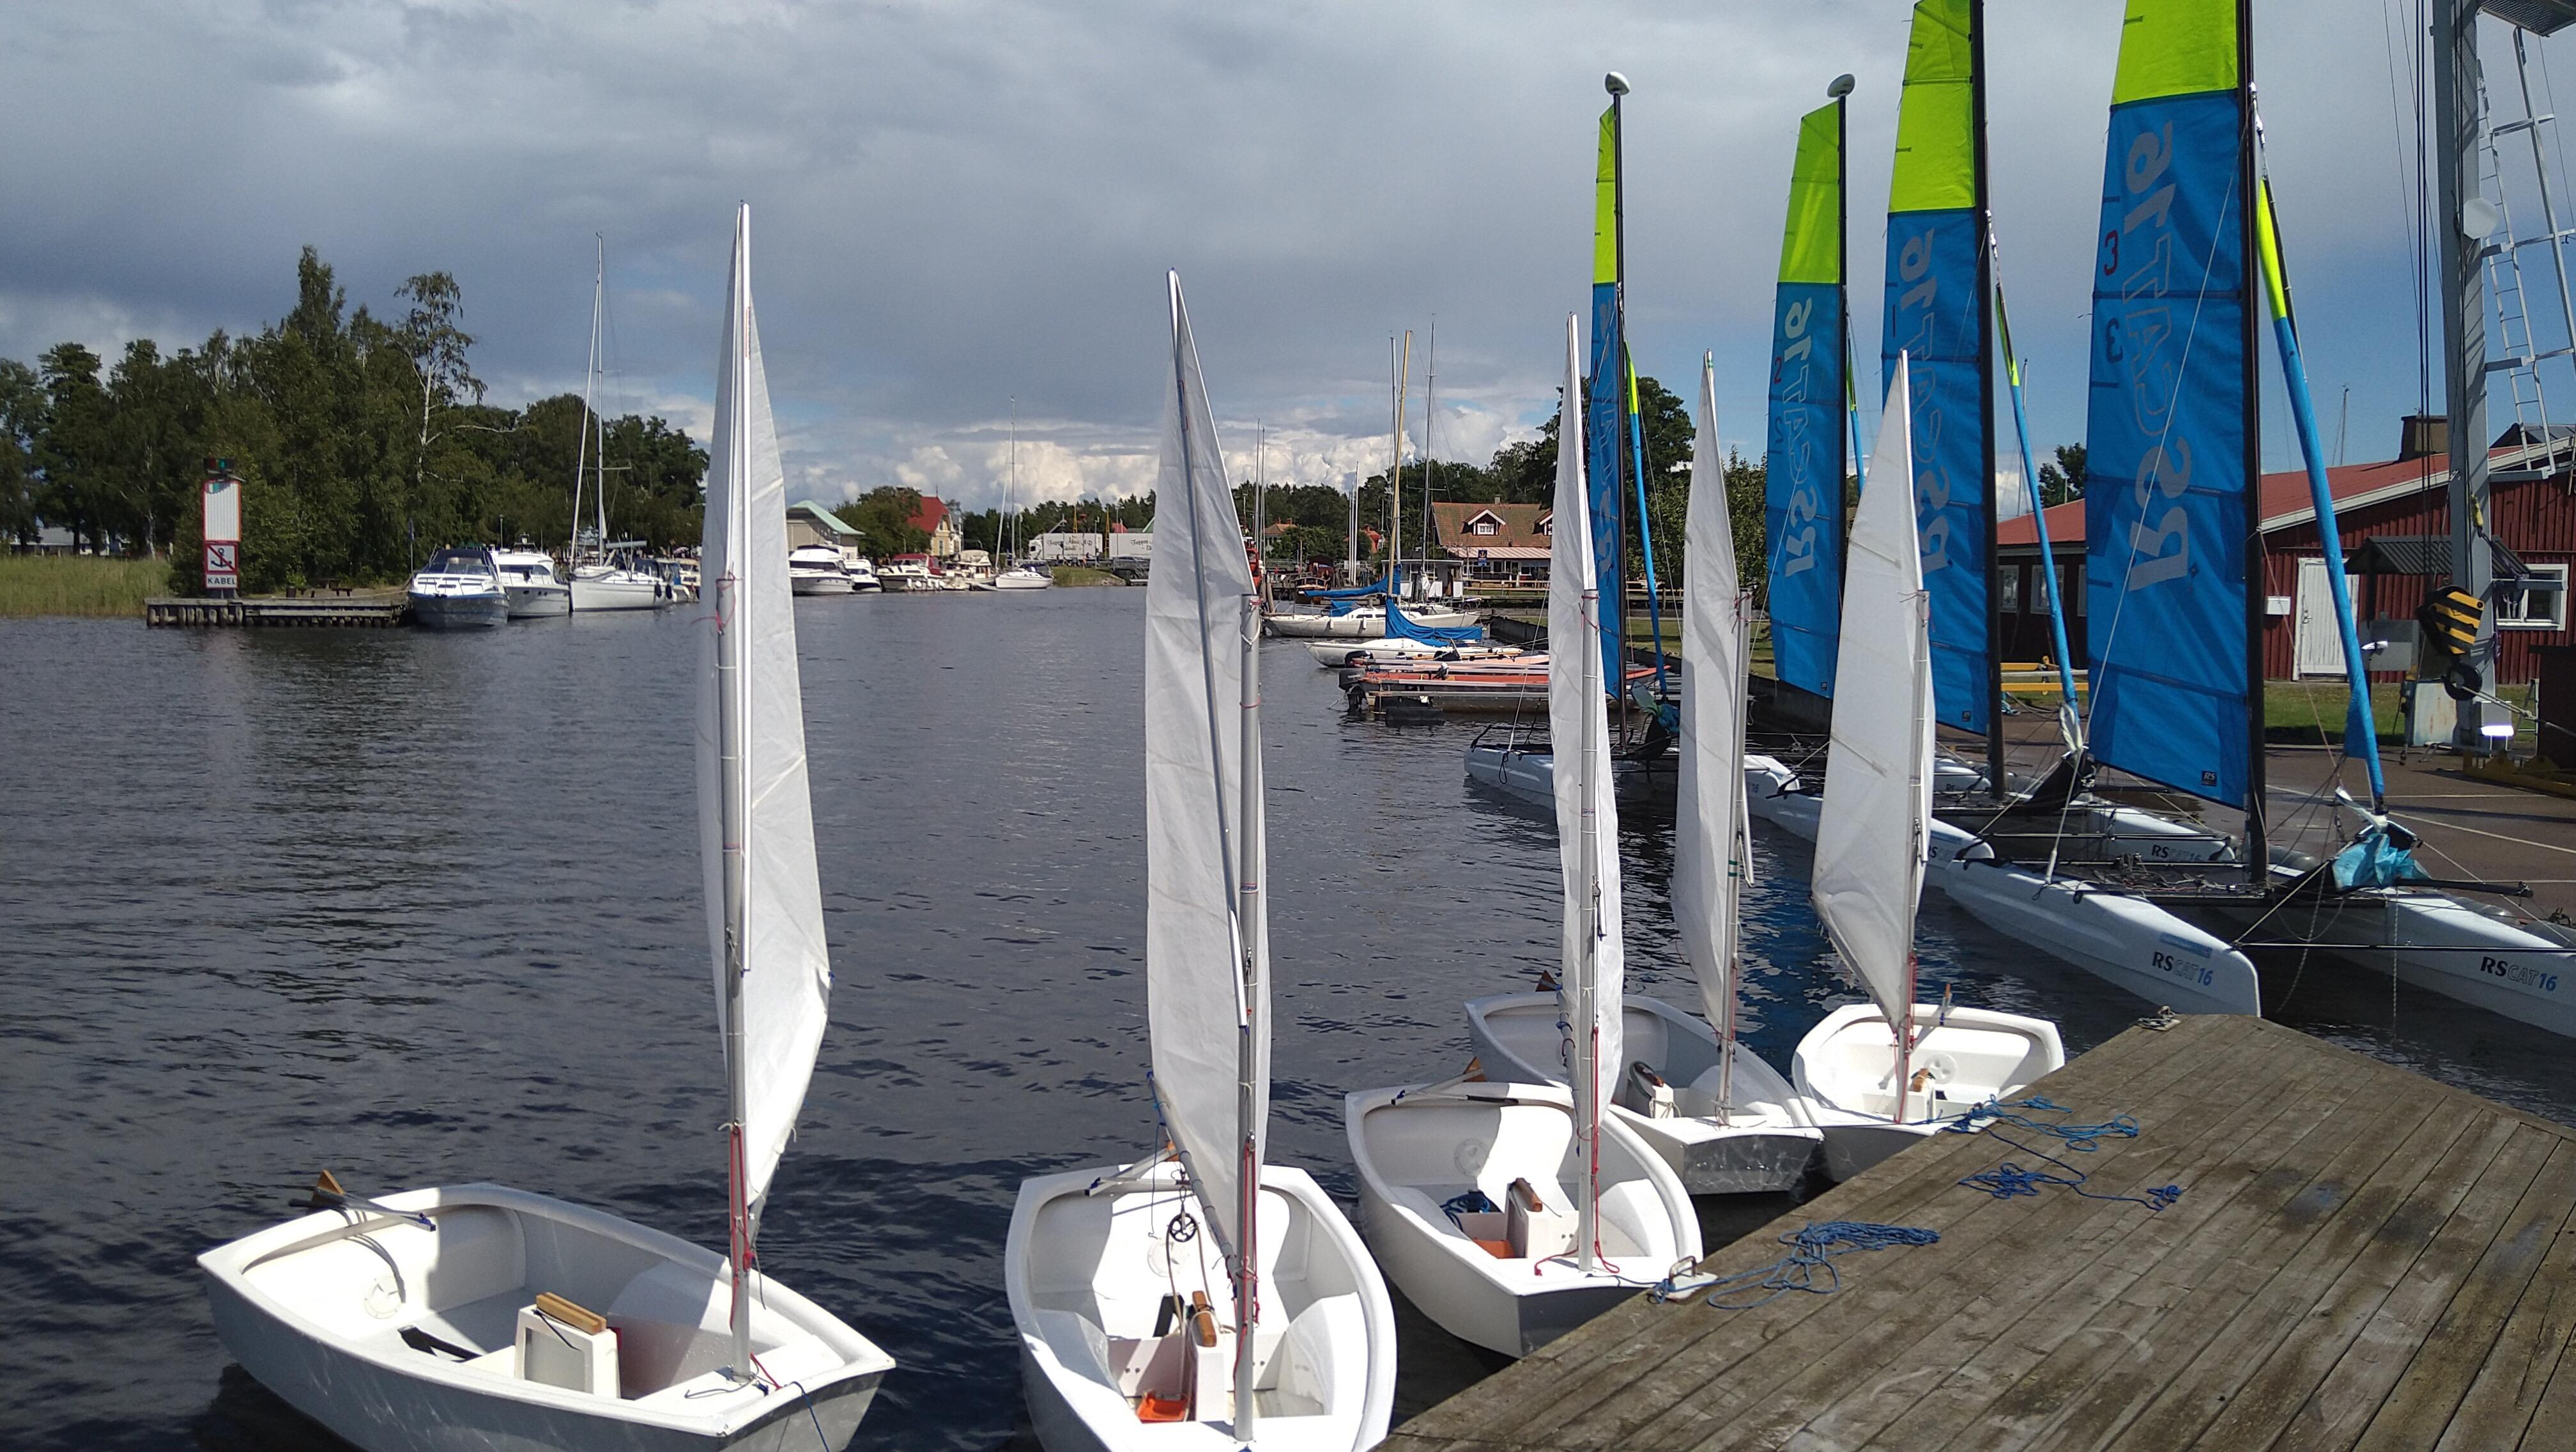 Måndag den 12 juli startar seglarskolan då är kranen avstängd mellan 10:00 – 16:00